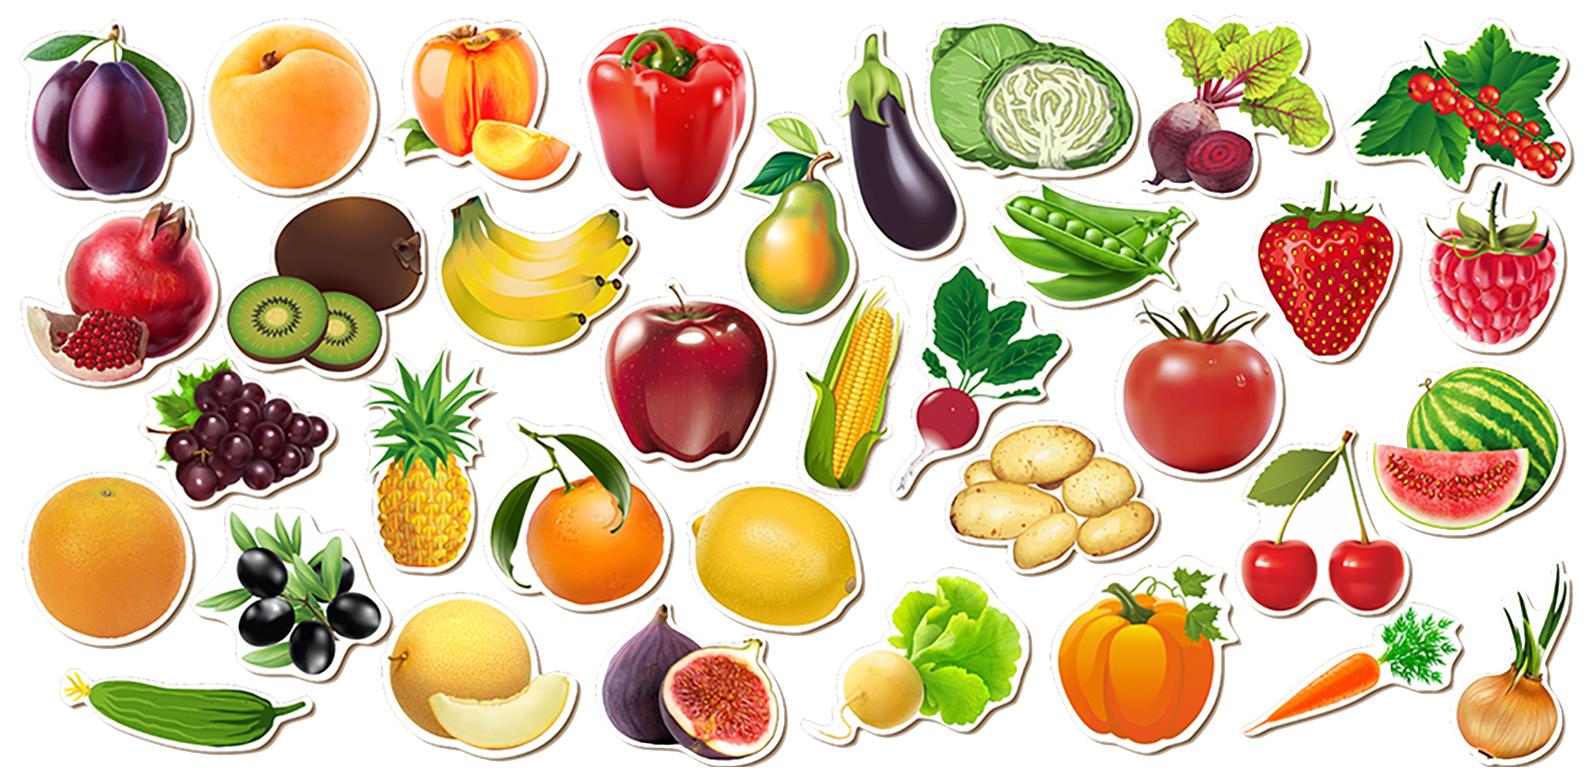 Купить Пазл Сибирский сувенир Овощи, фрукты, ягоды 111401, Пазлы